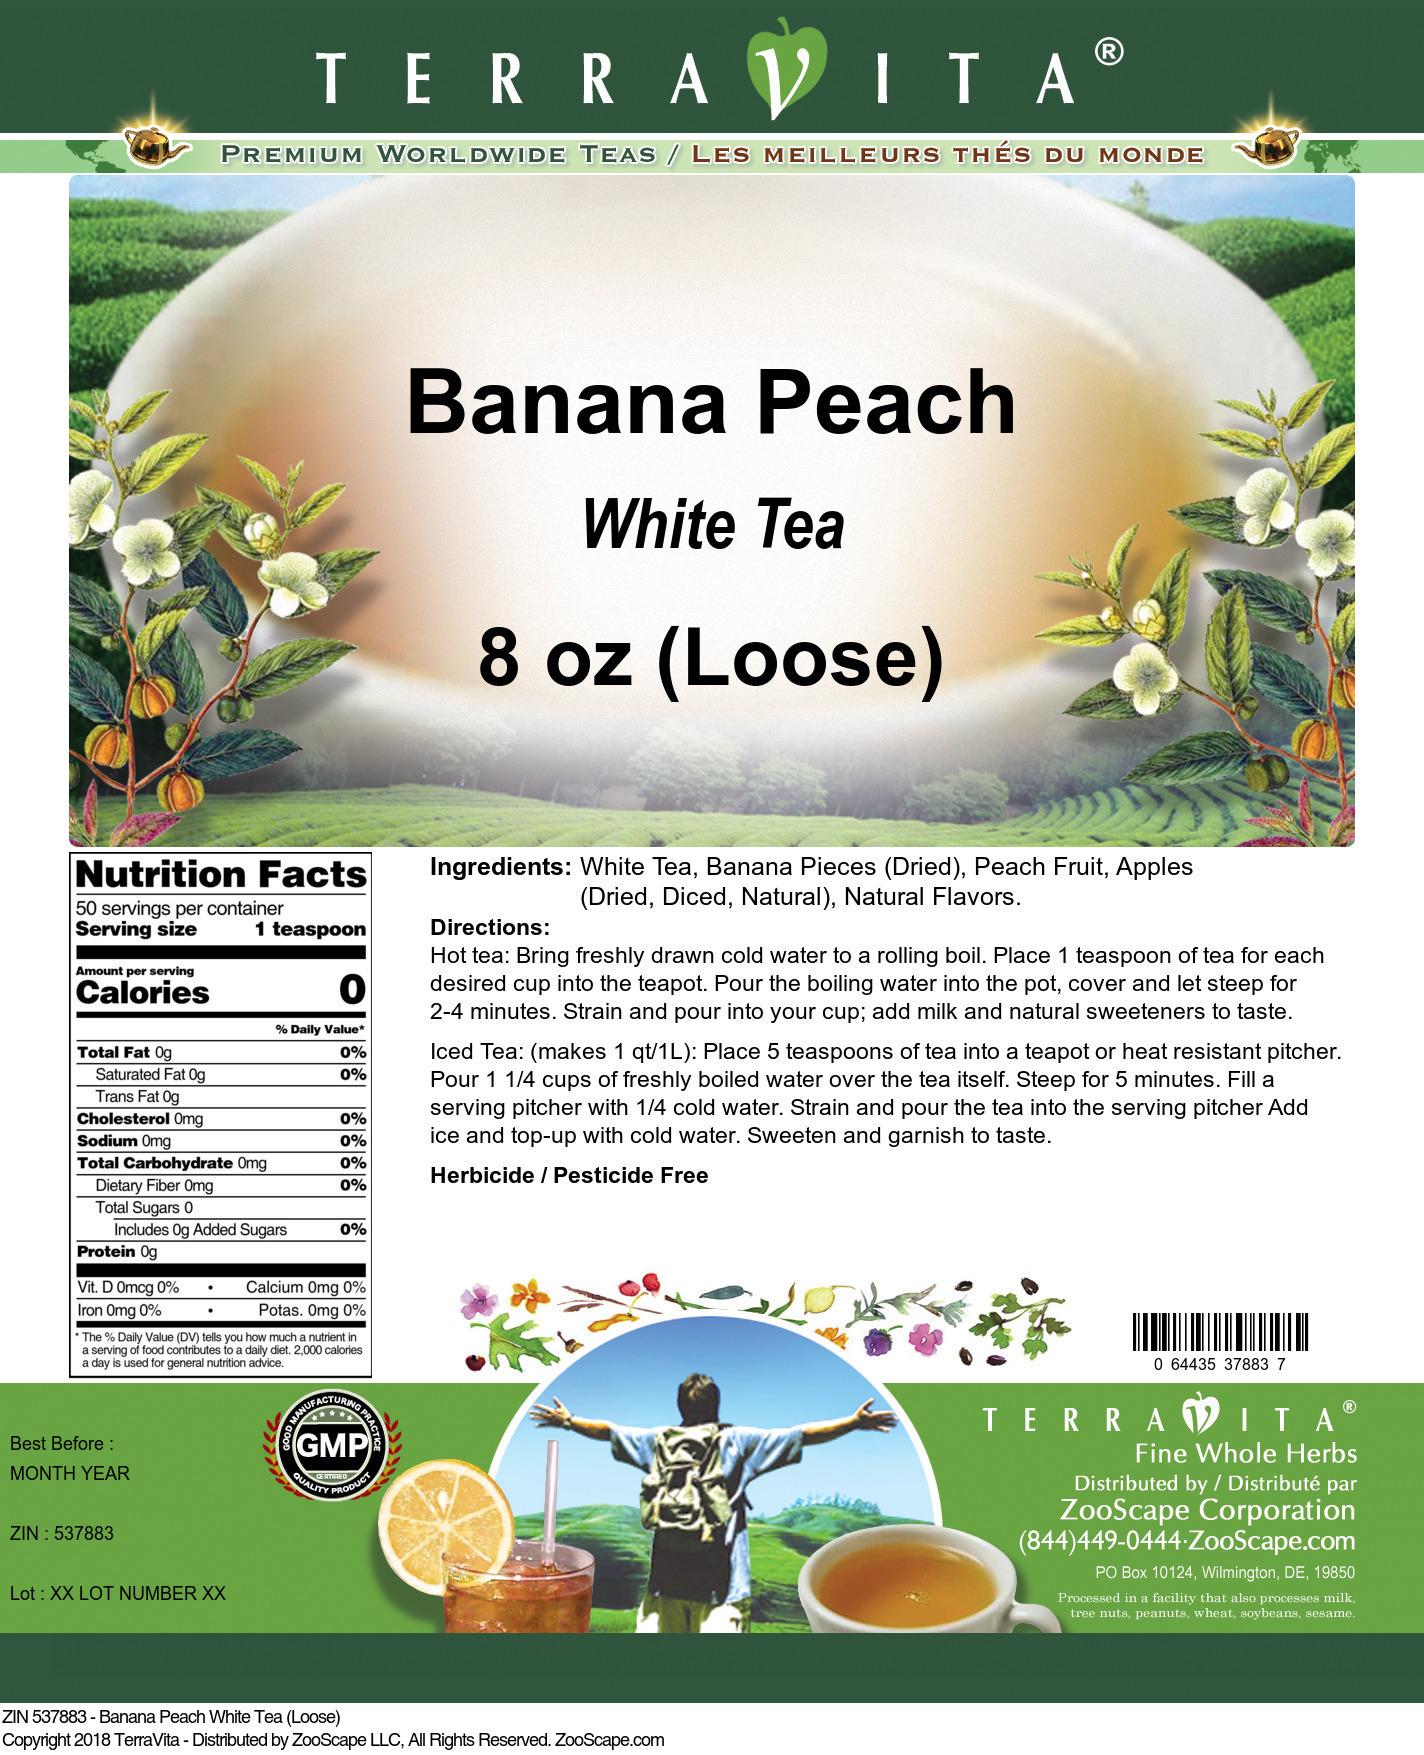 Banana Peach White Tea